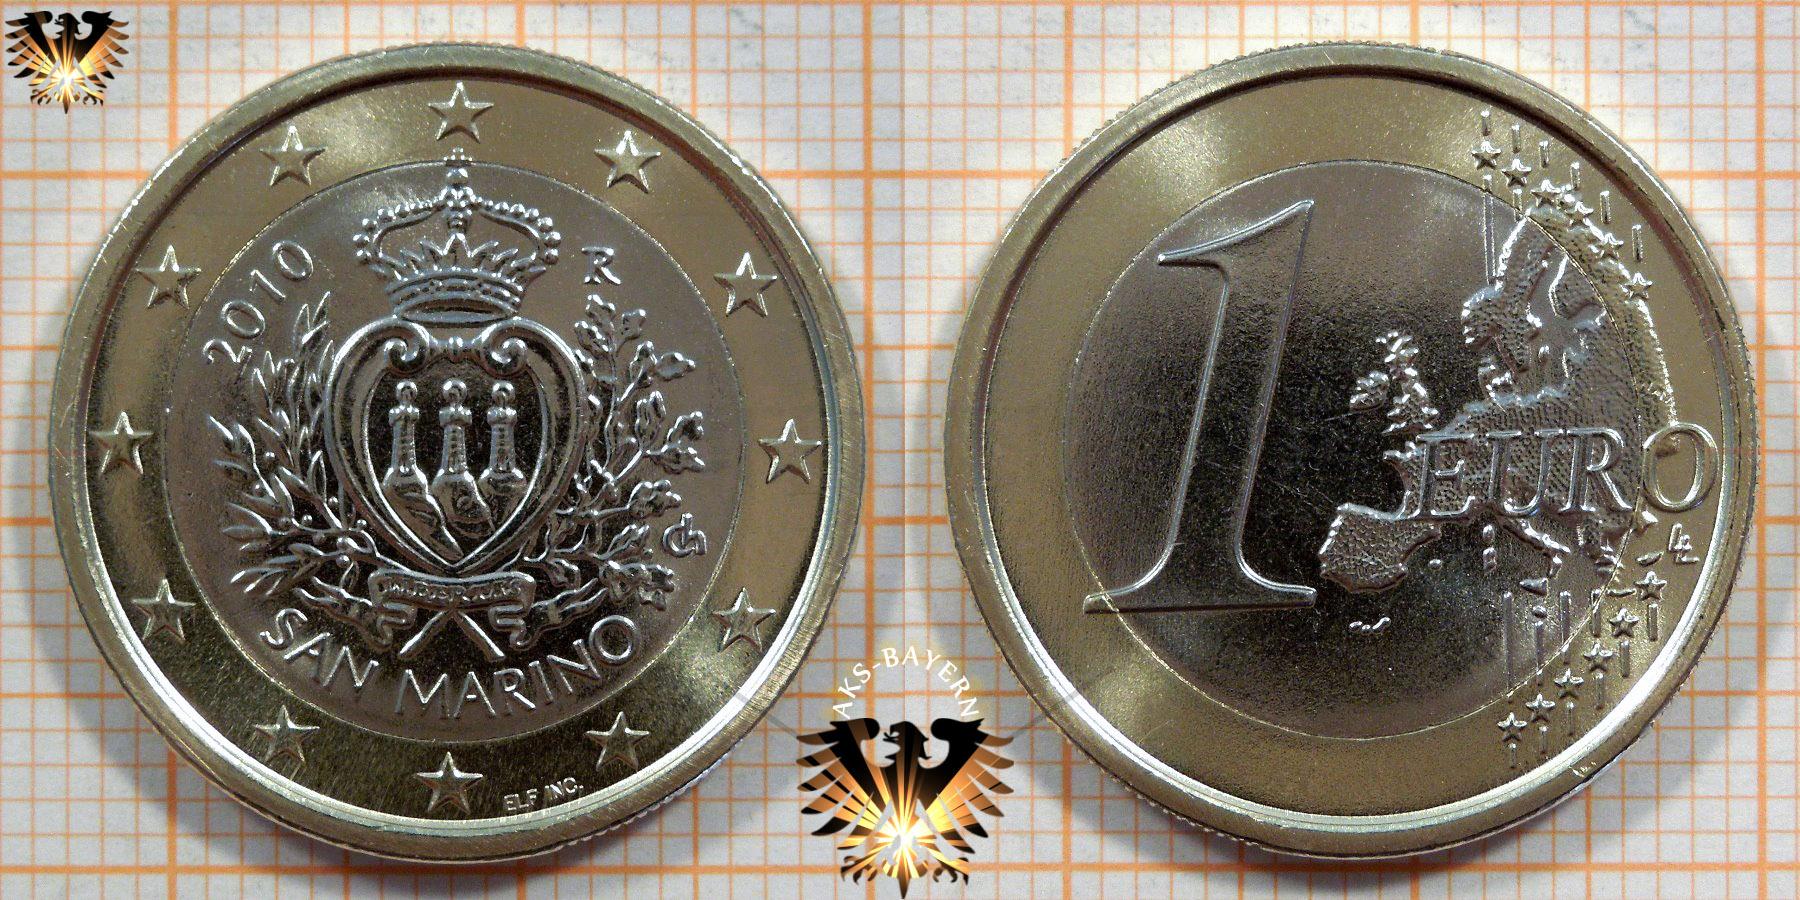 1 Euro San Marino 2010 Nominal